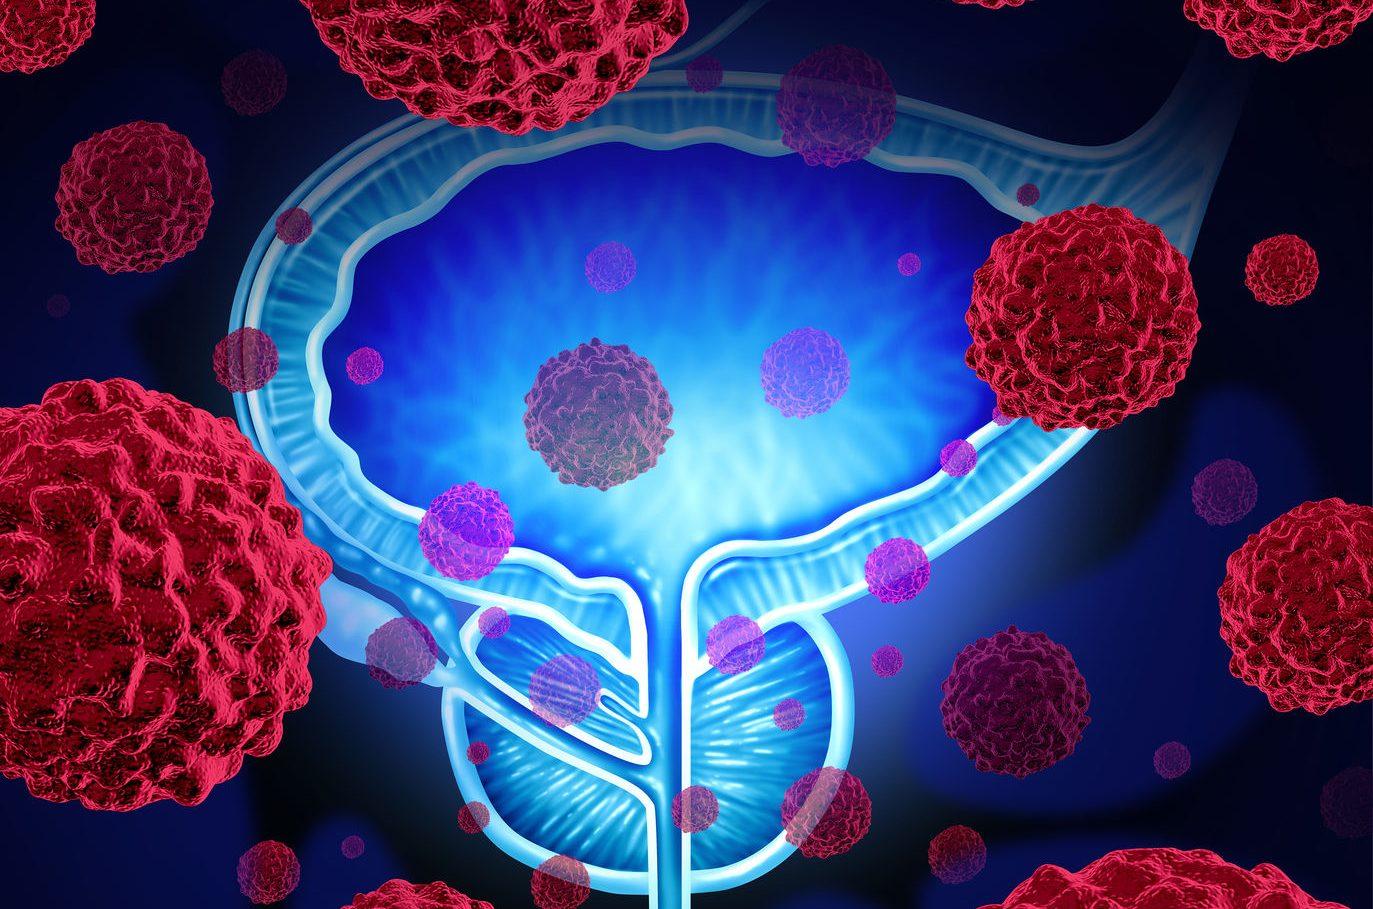 cancer de pancreas nivel 2 kako prepoznati gliste u stolici kod odraslih